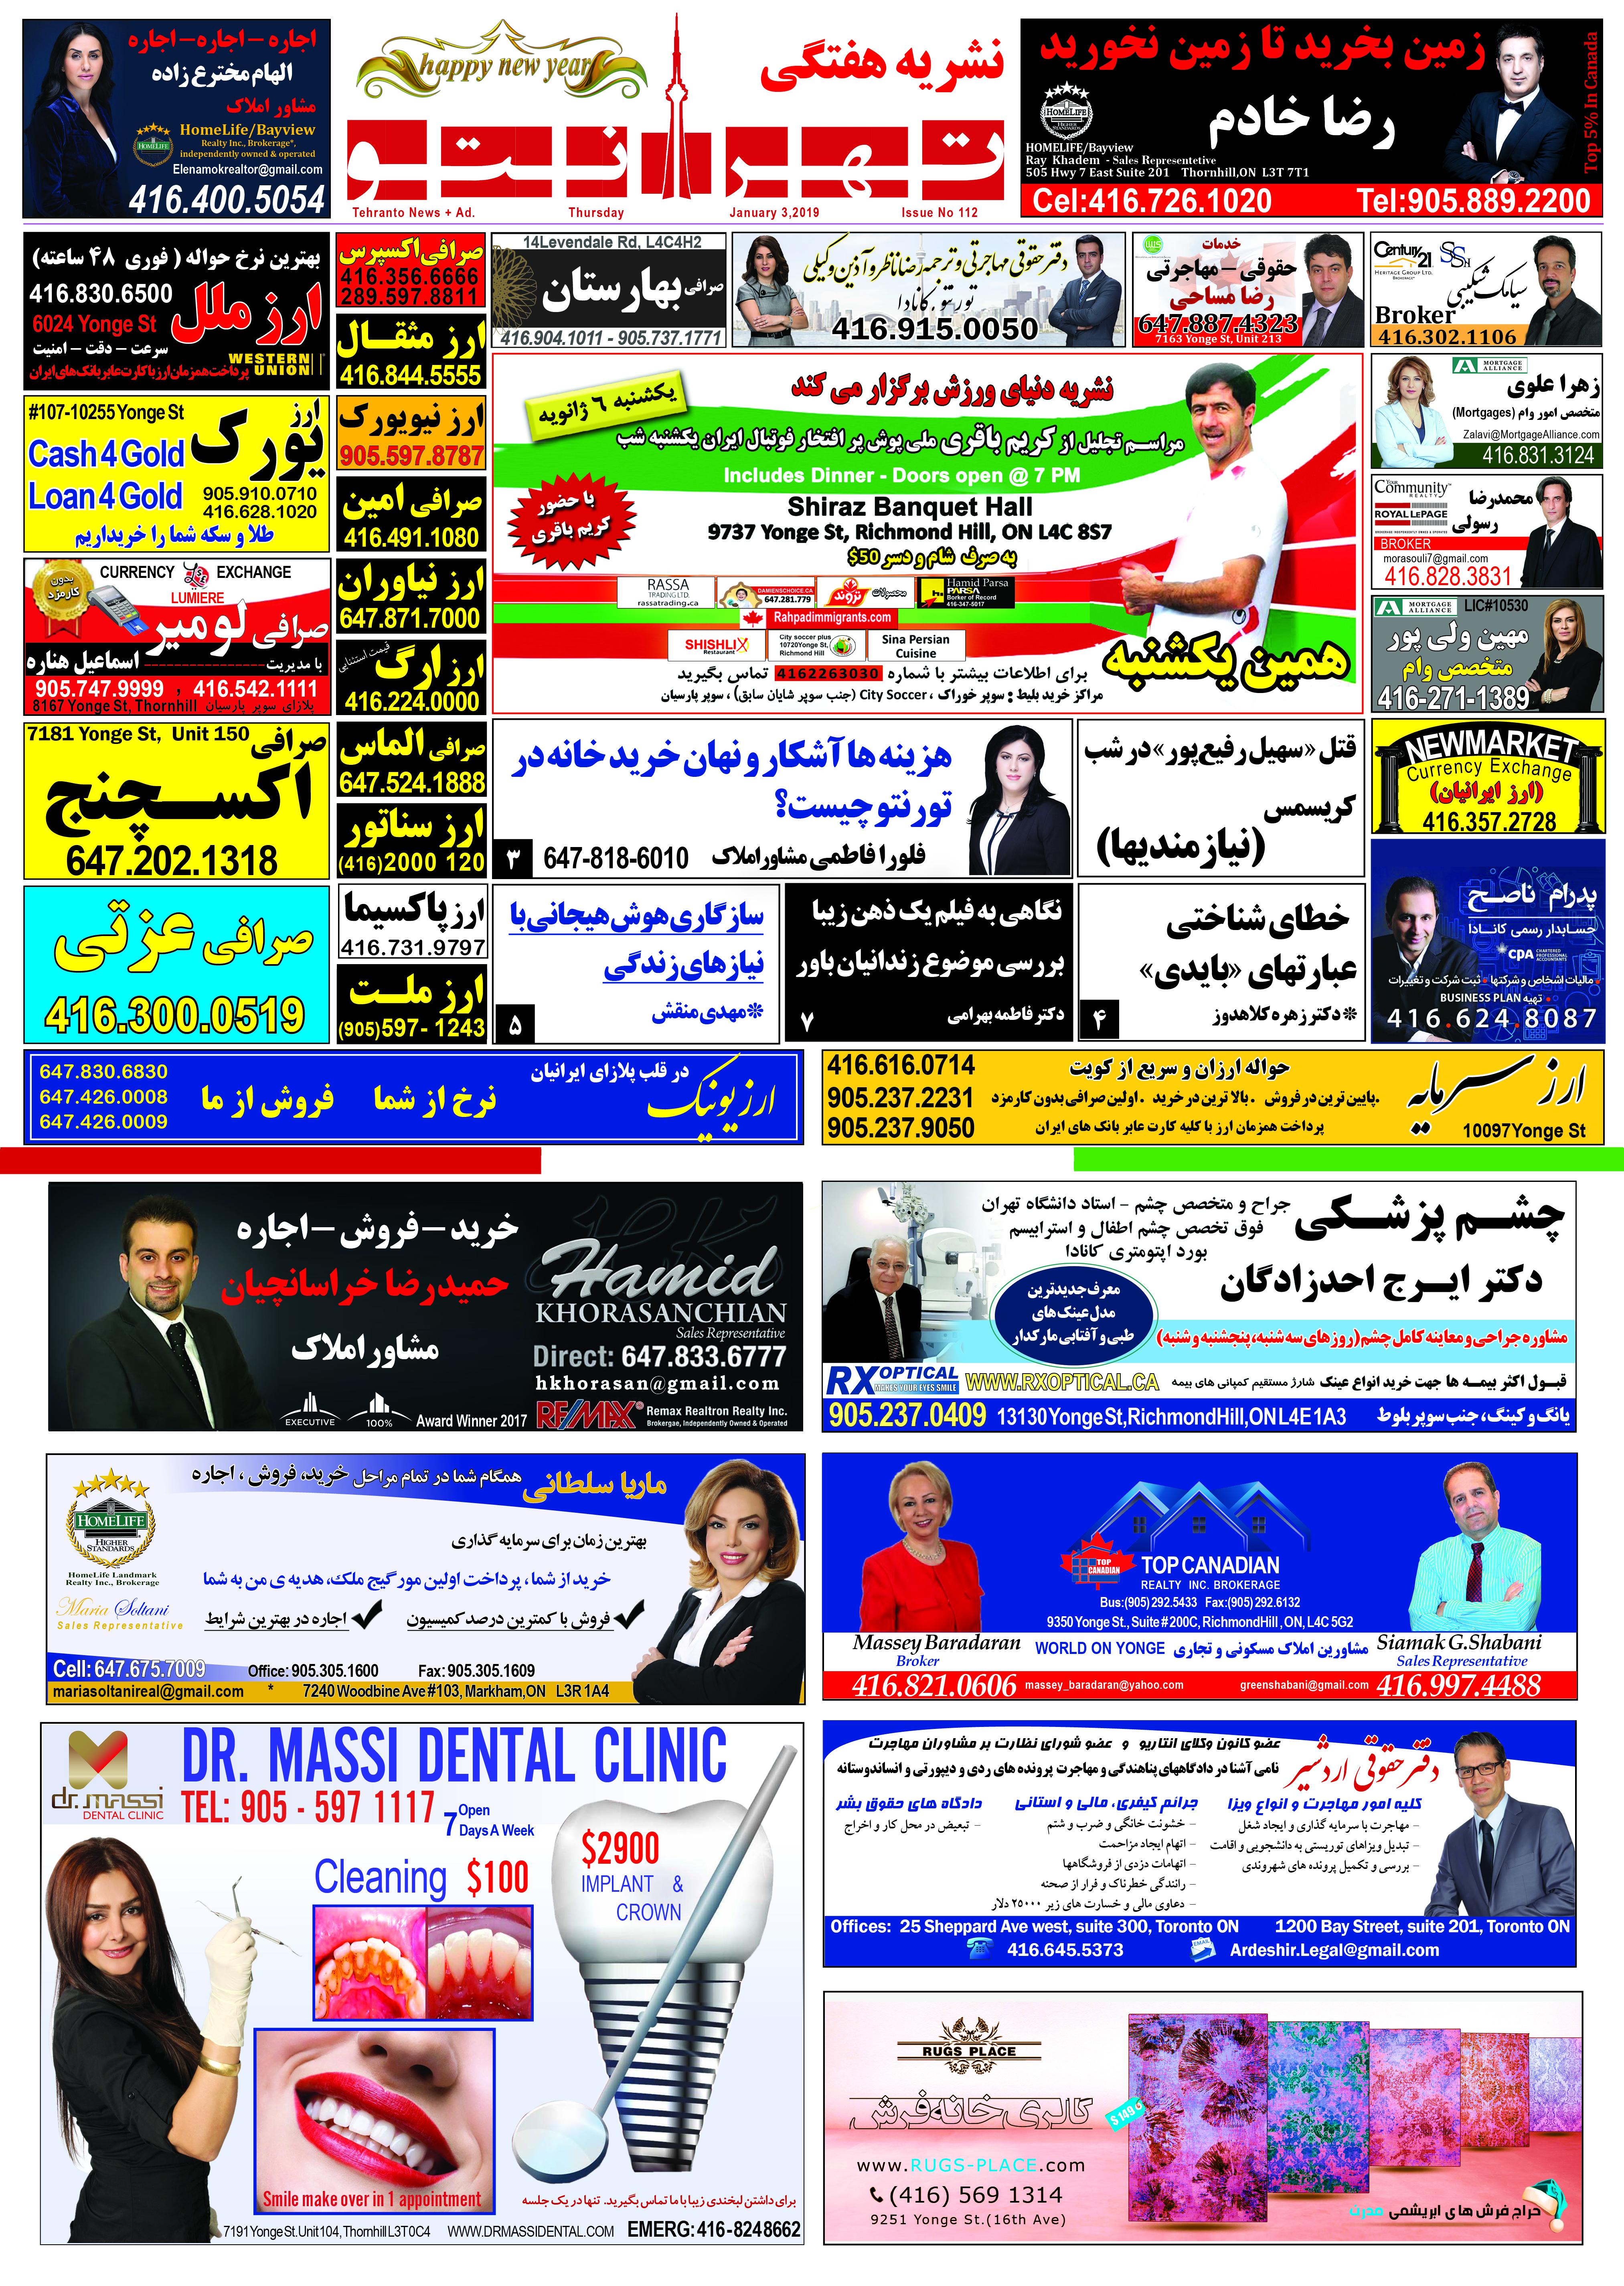 نشریه تهرانتو شماره 112 منتشر شد